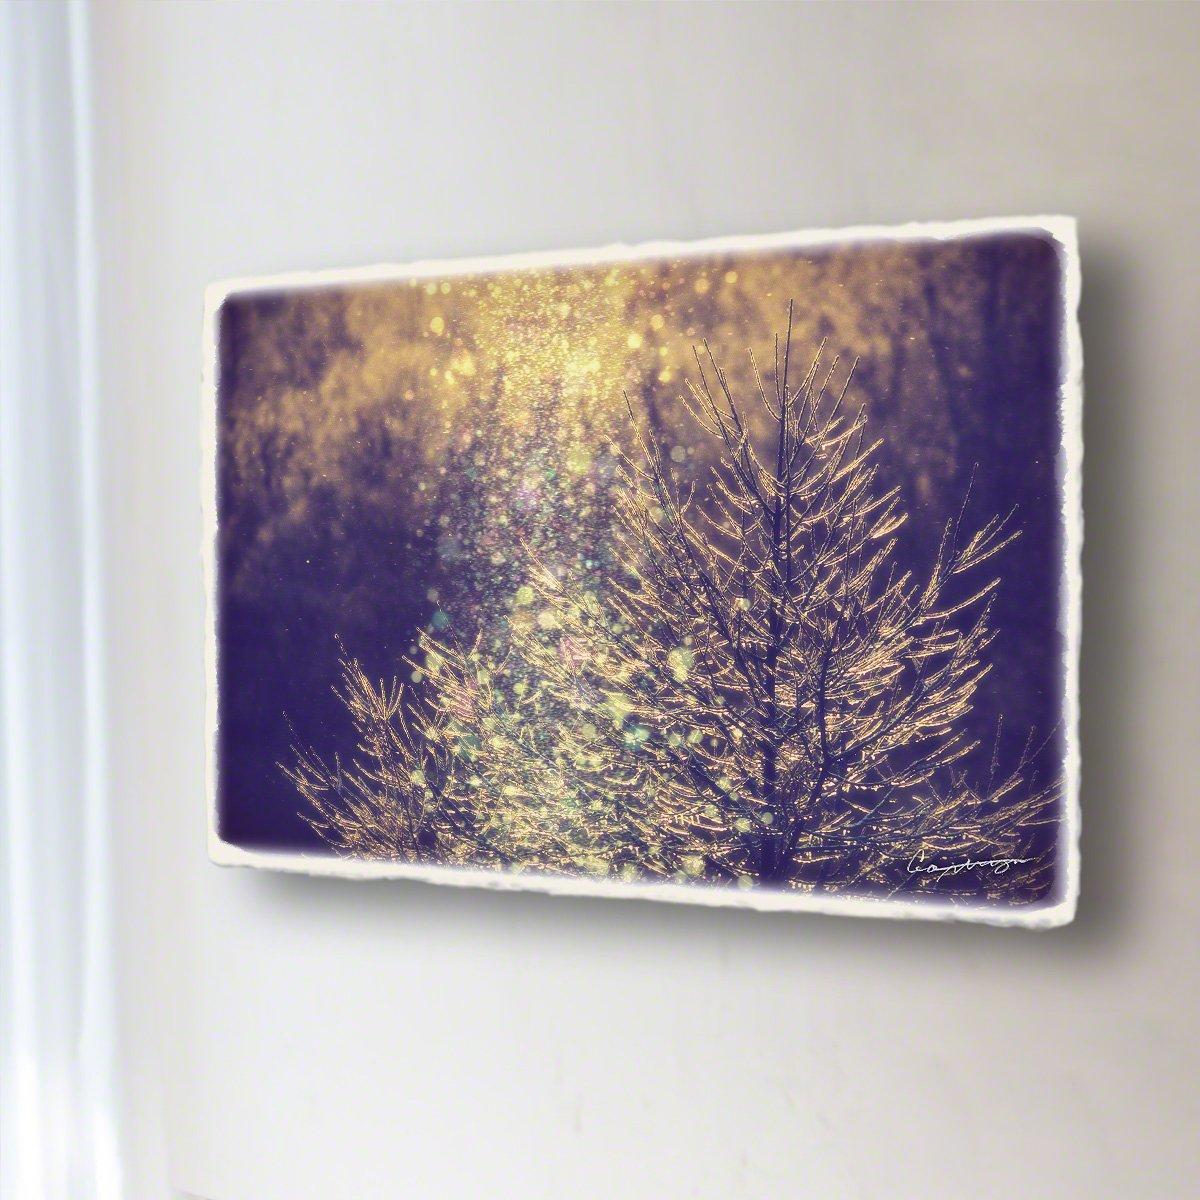 和紙 アートパネル 「ダイヤモンドダストと朝日に輝く凍ったカラマツの枝」 (36x24cm) 絵 絵画 壁掛け 壁飾り インテリア アート B07B2DFTJ6 13.アートパネル(長辺36cm) 8800円|ダイヤモンドダストと朝日に輝く凍ったカラマツの枝 ダイヤモンドダストと朝日に輝く凍ったカラマツの枝 13.アートパネル(長辺36cm) 8800円